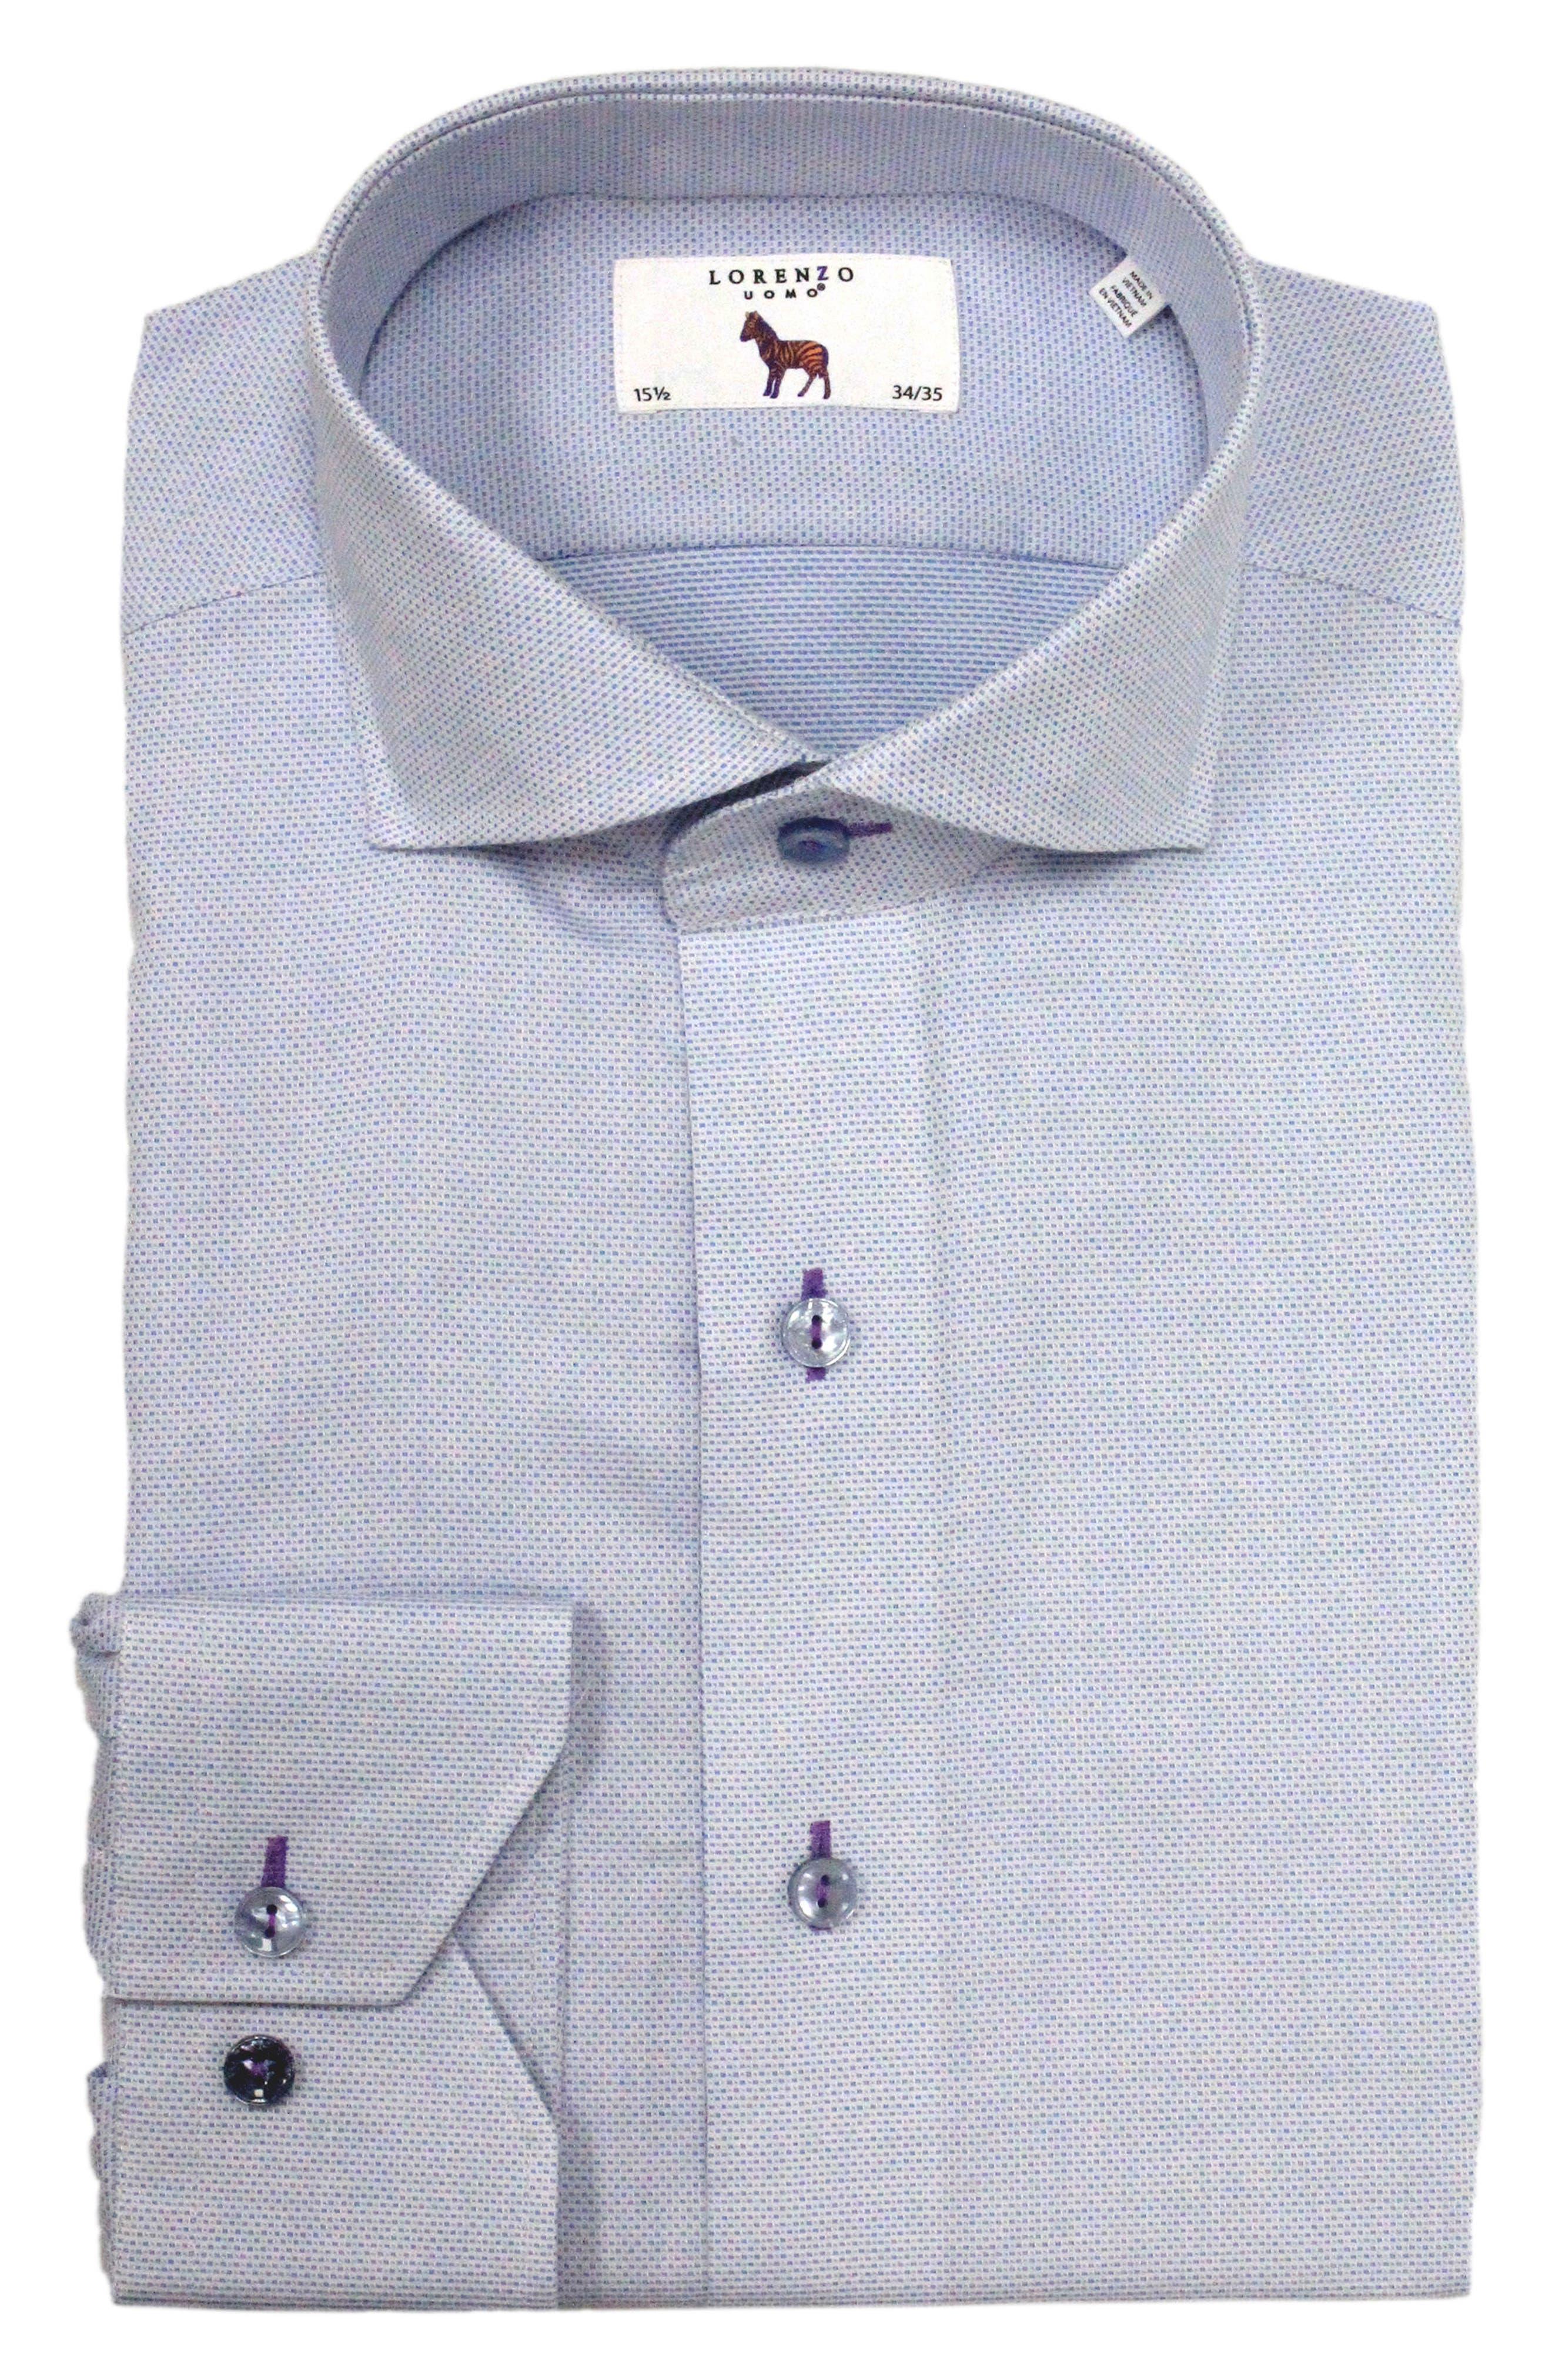 Trim Fit Solid Dress Shirt,                         Main,                         color, Light Blue